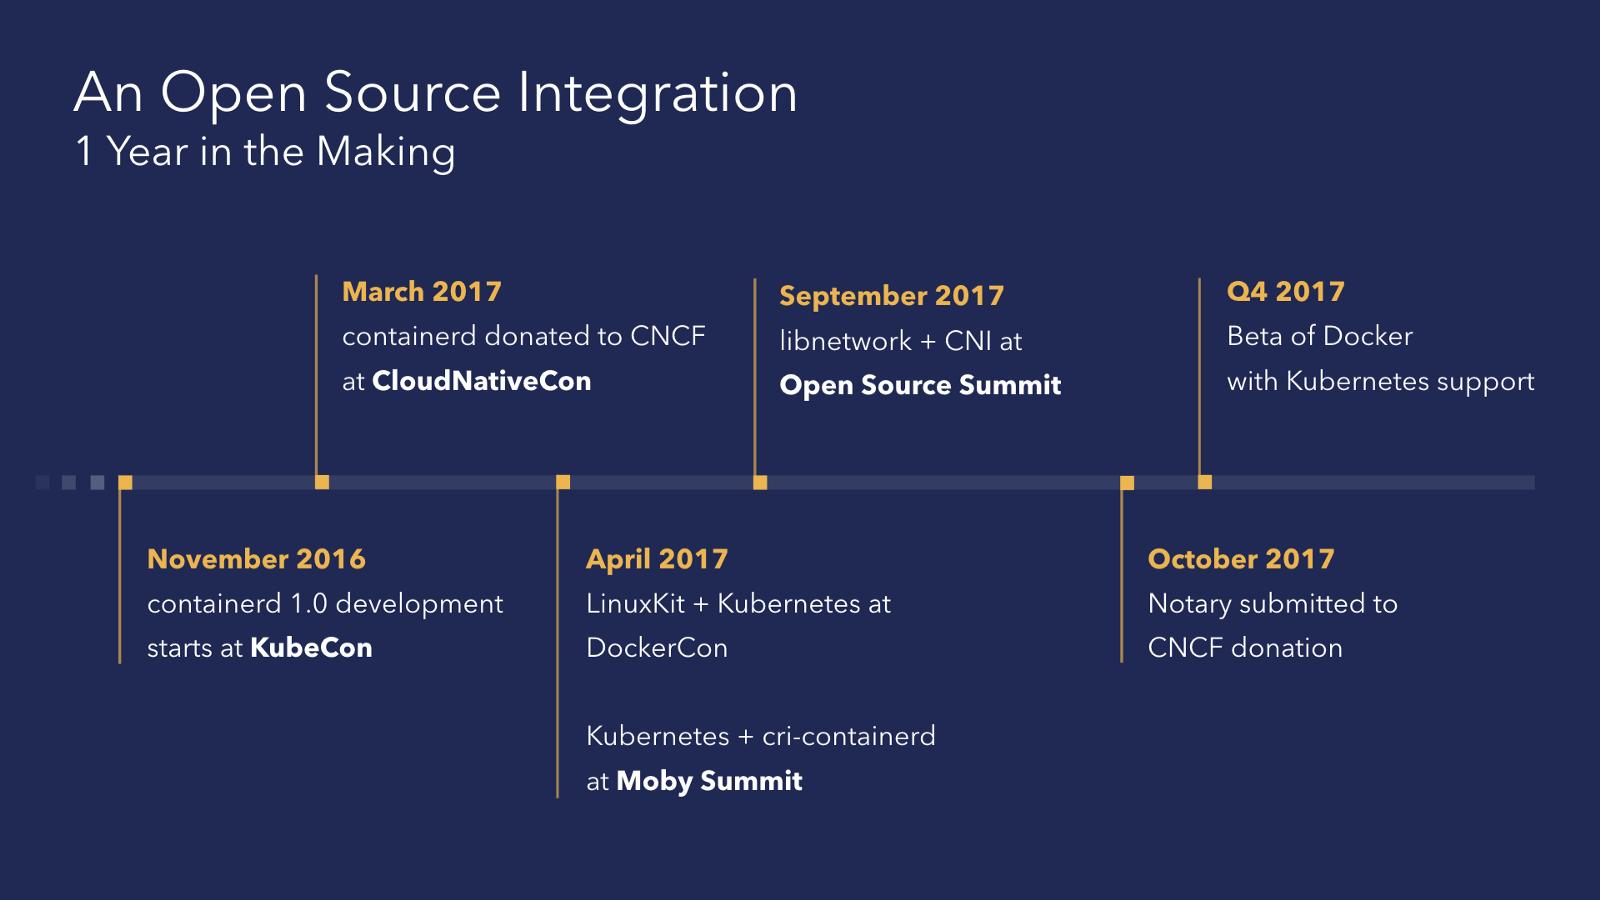 Что и зачем Docker делает в Moby для интеграции с Kubernetes? - 4